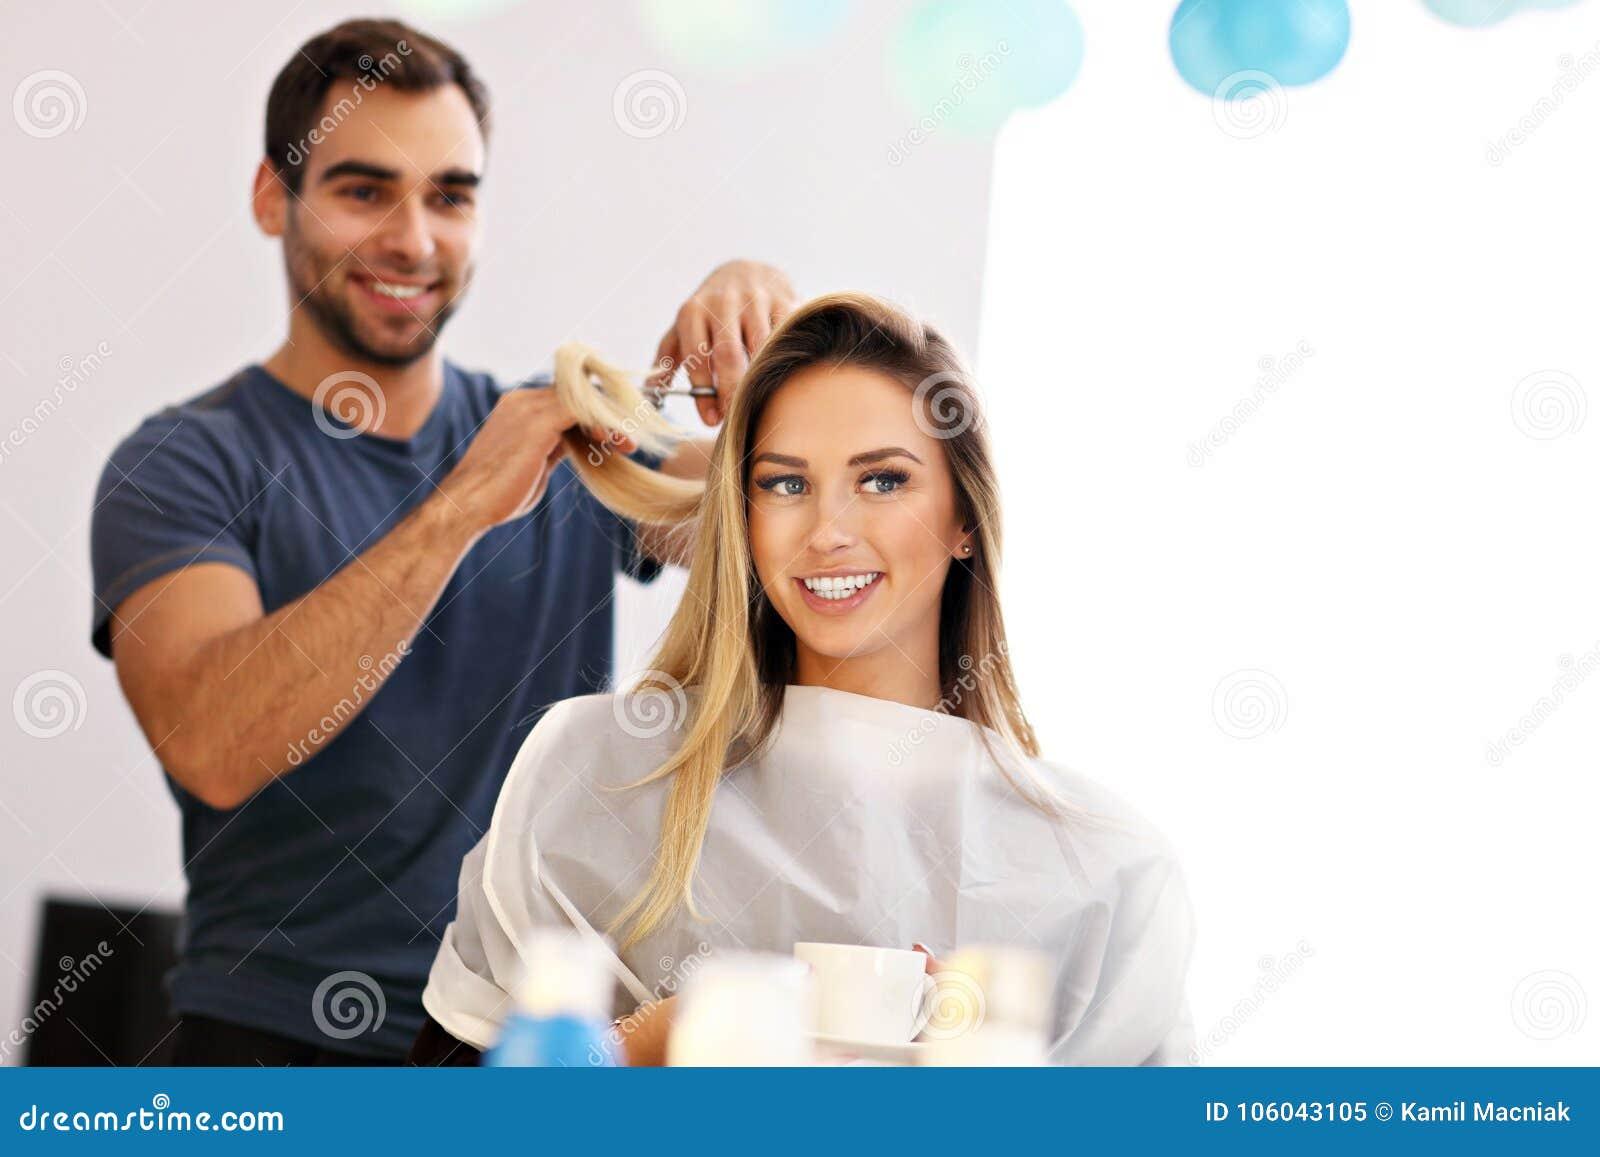 dating a male hairdresser reporter dating quinn dexter